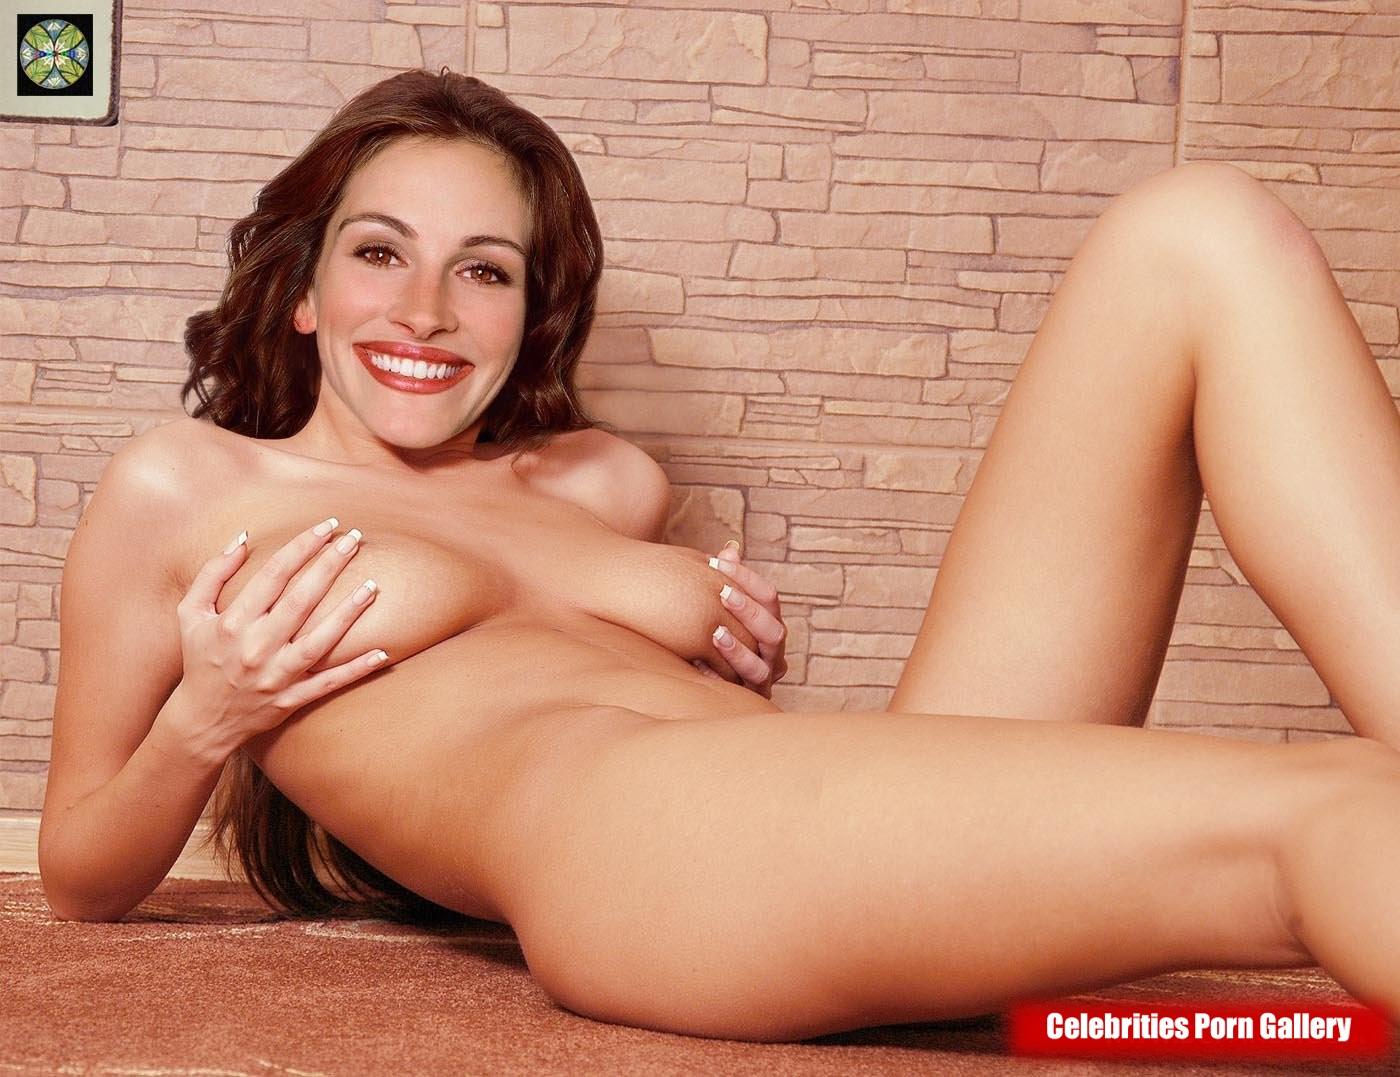 Julia roberts nude pics